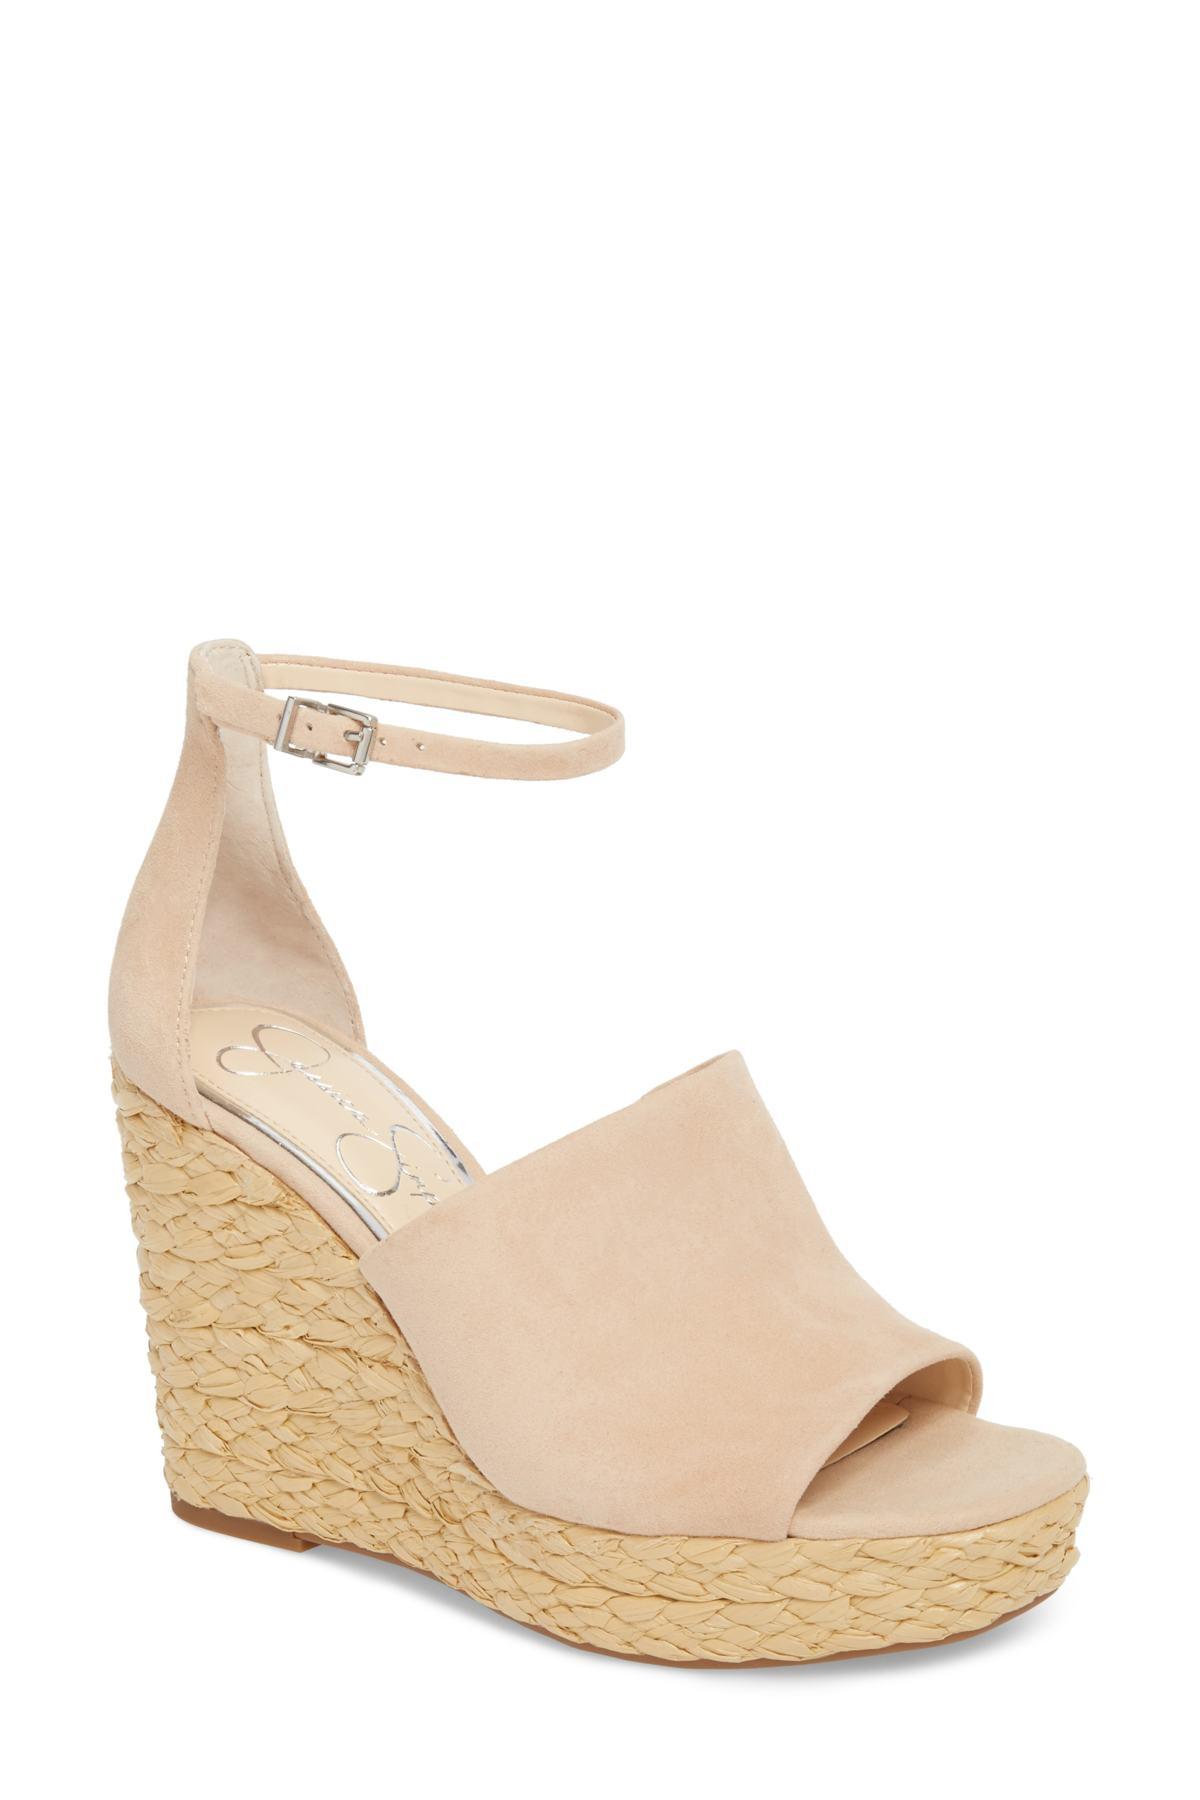 efc7816a960 Details about Jessica Simpson Women's SUELLA Sandal